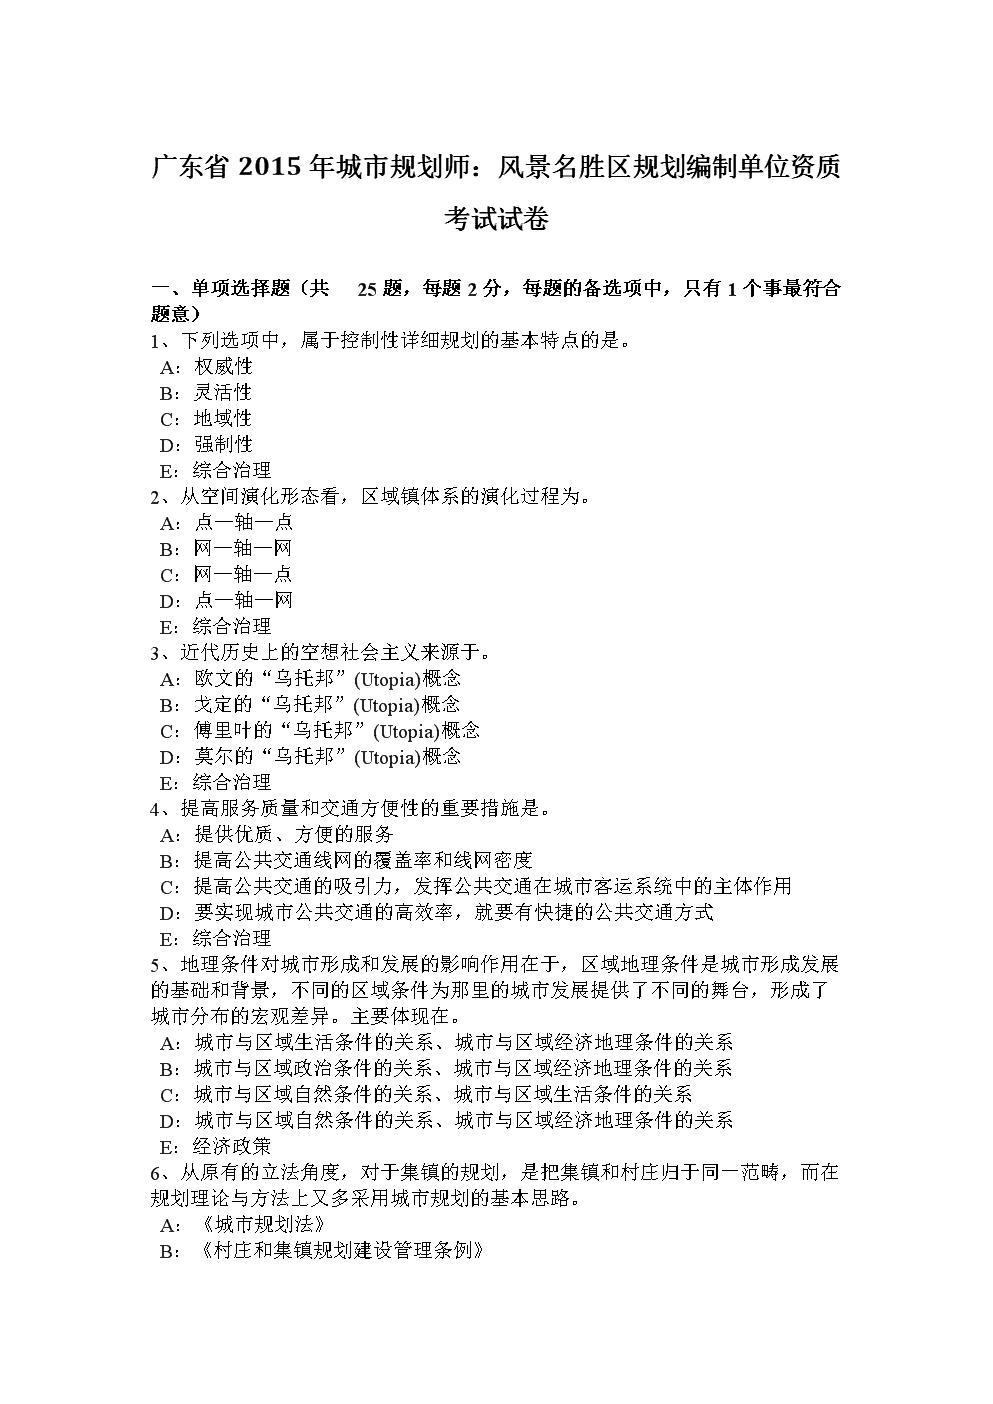 廣東省2015年城市規劃師:風景名勝區規劃編制單位資質考試試卷.doc